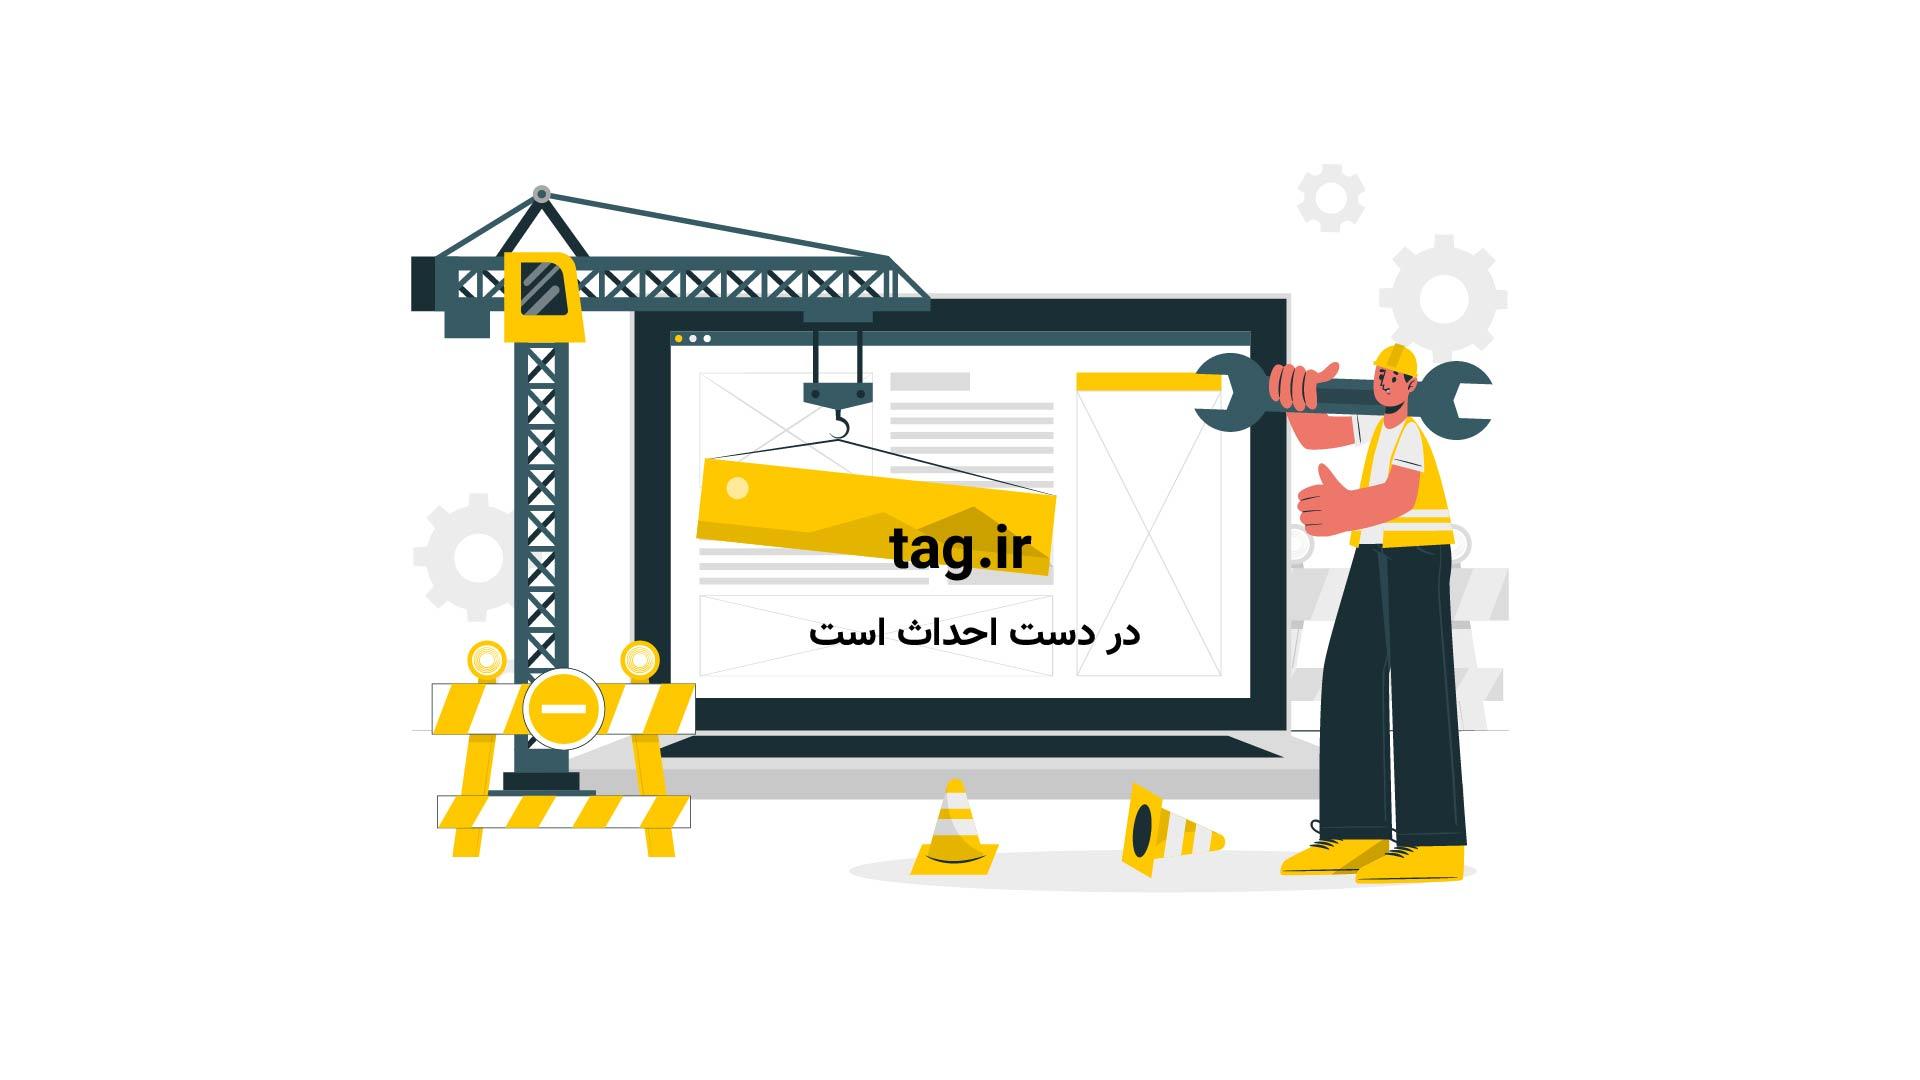 پیروزی تیم ملی والیبال ایران بر مصر + فیلم